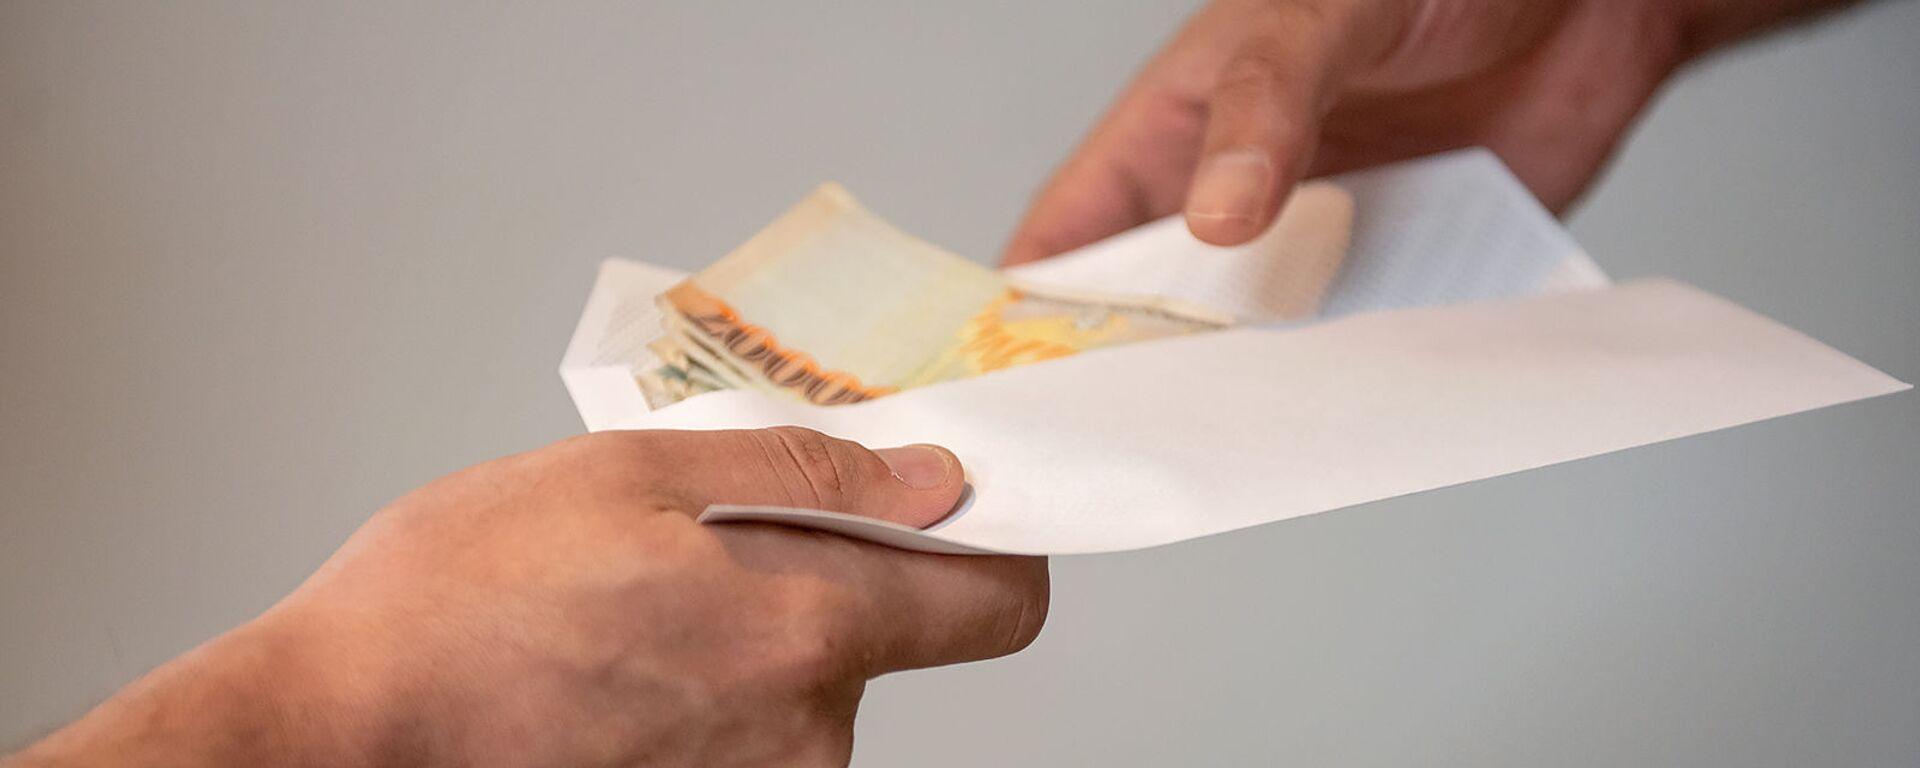 Передача конверта с деньгами - Sputnik Армения, 1920, 14.06.2021